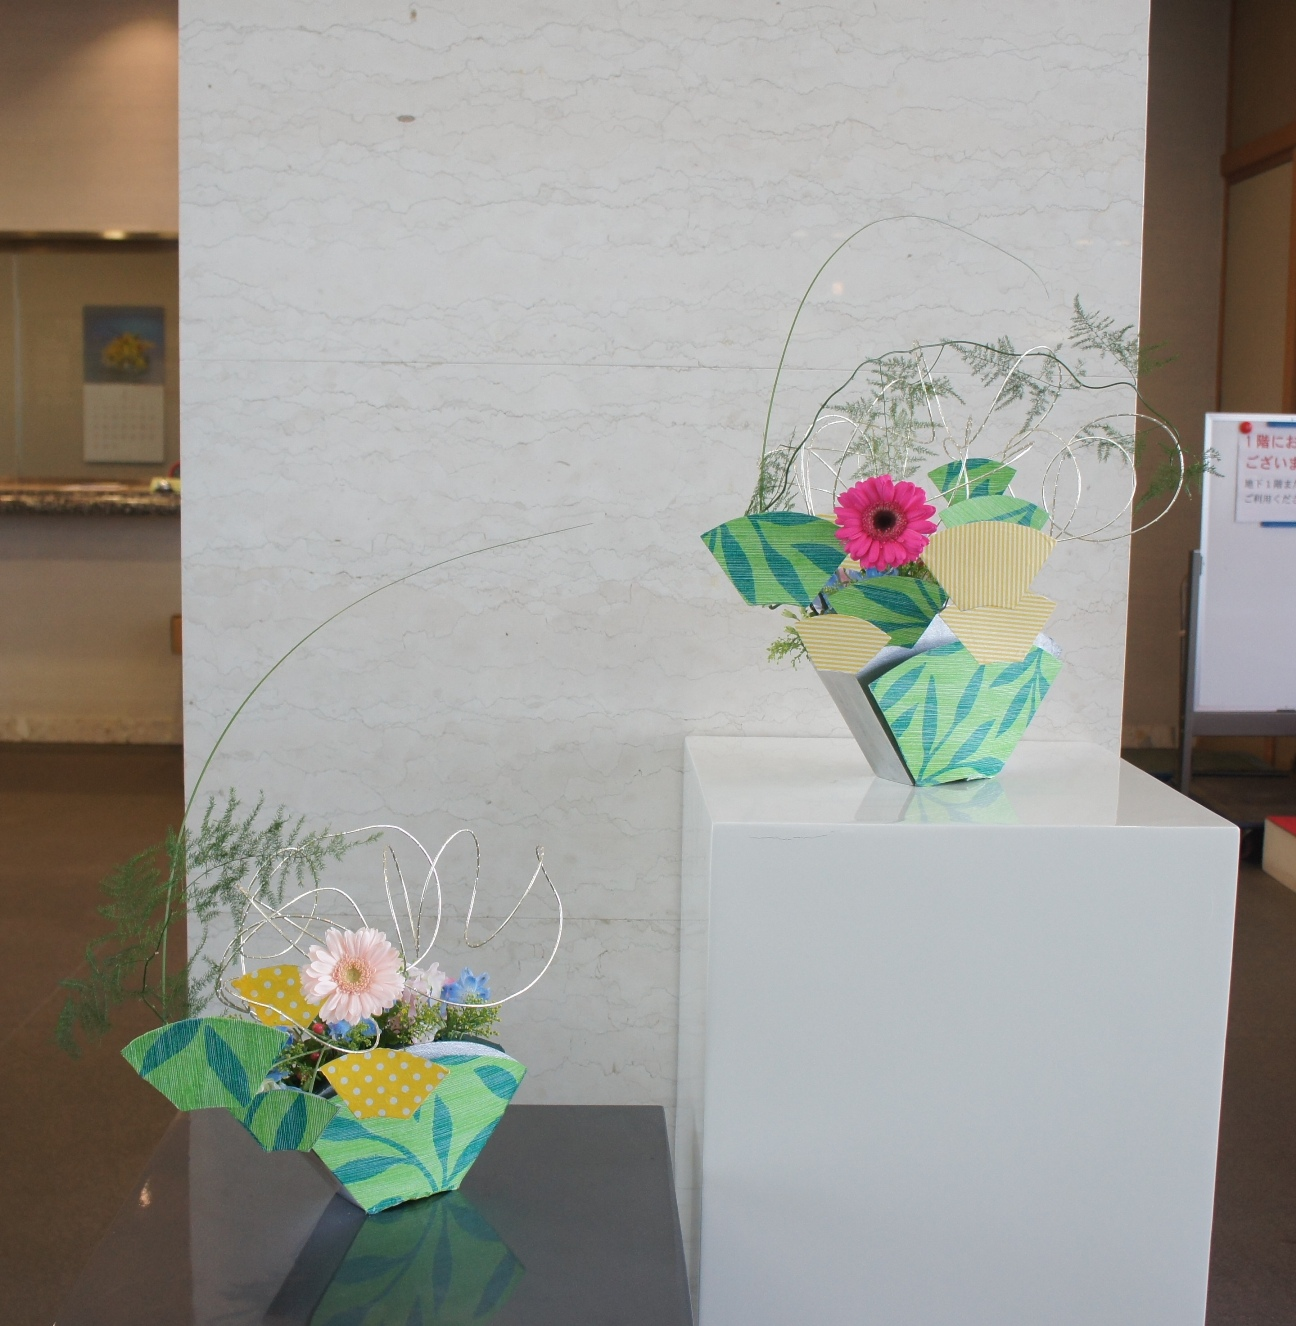 ロビーを飾る花_a0133859_11171646.jpg